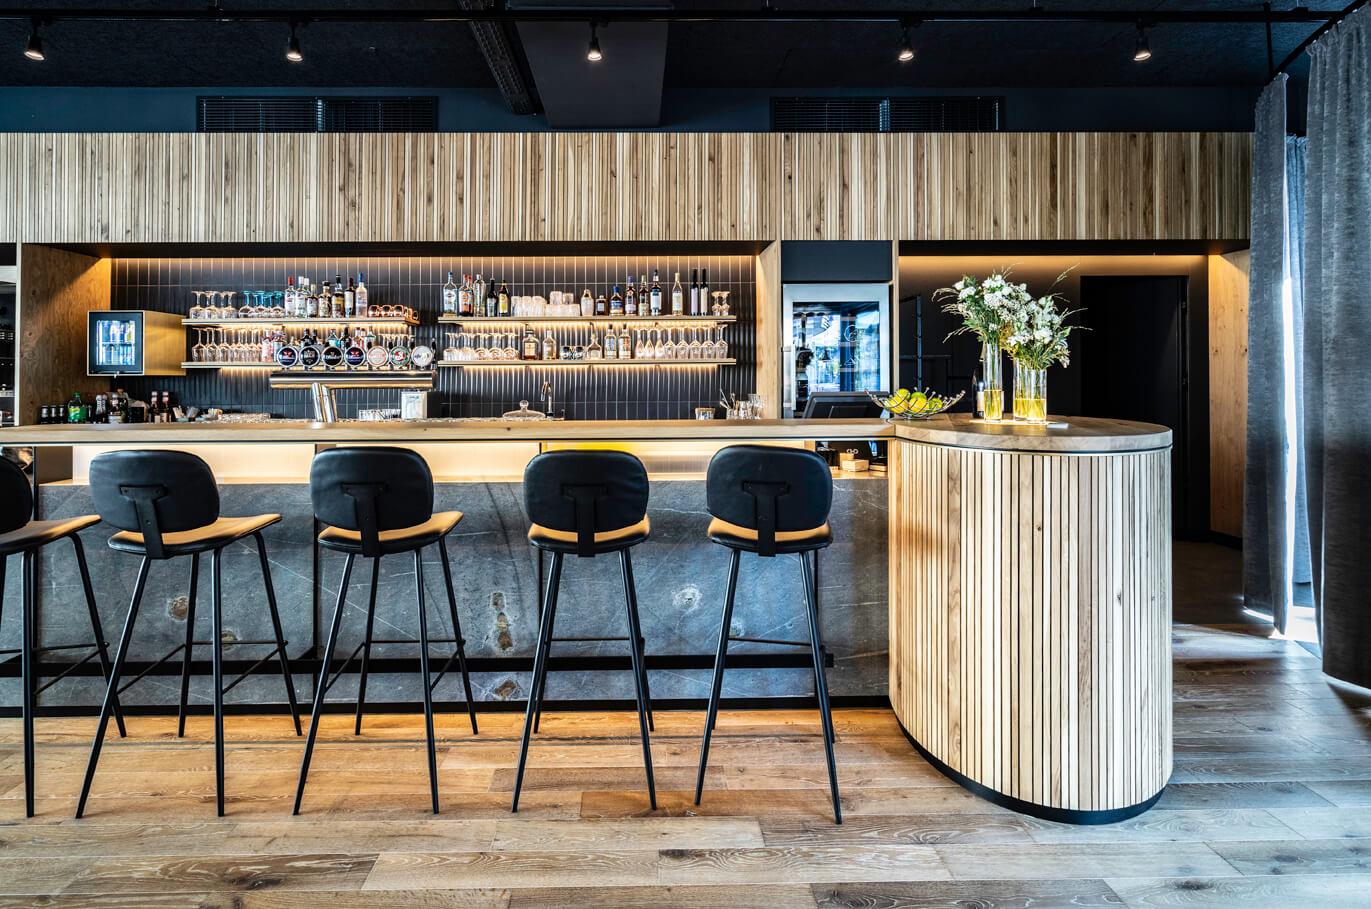 SCANAUA_Restaurant_Bar_Landstrasse_30_9494_Schaan_Liechtenstein_96